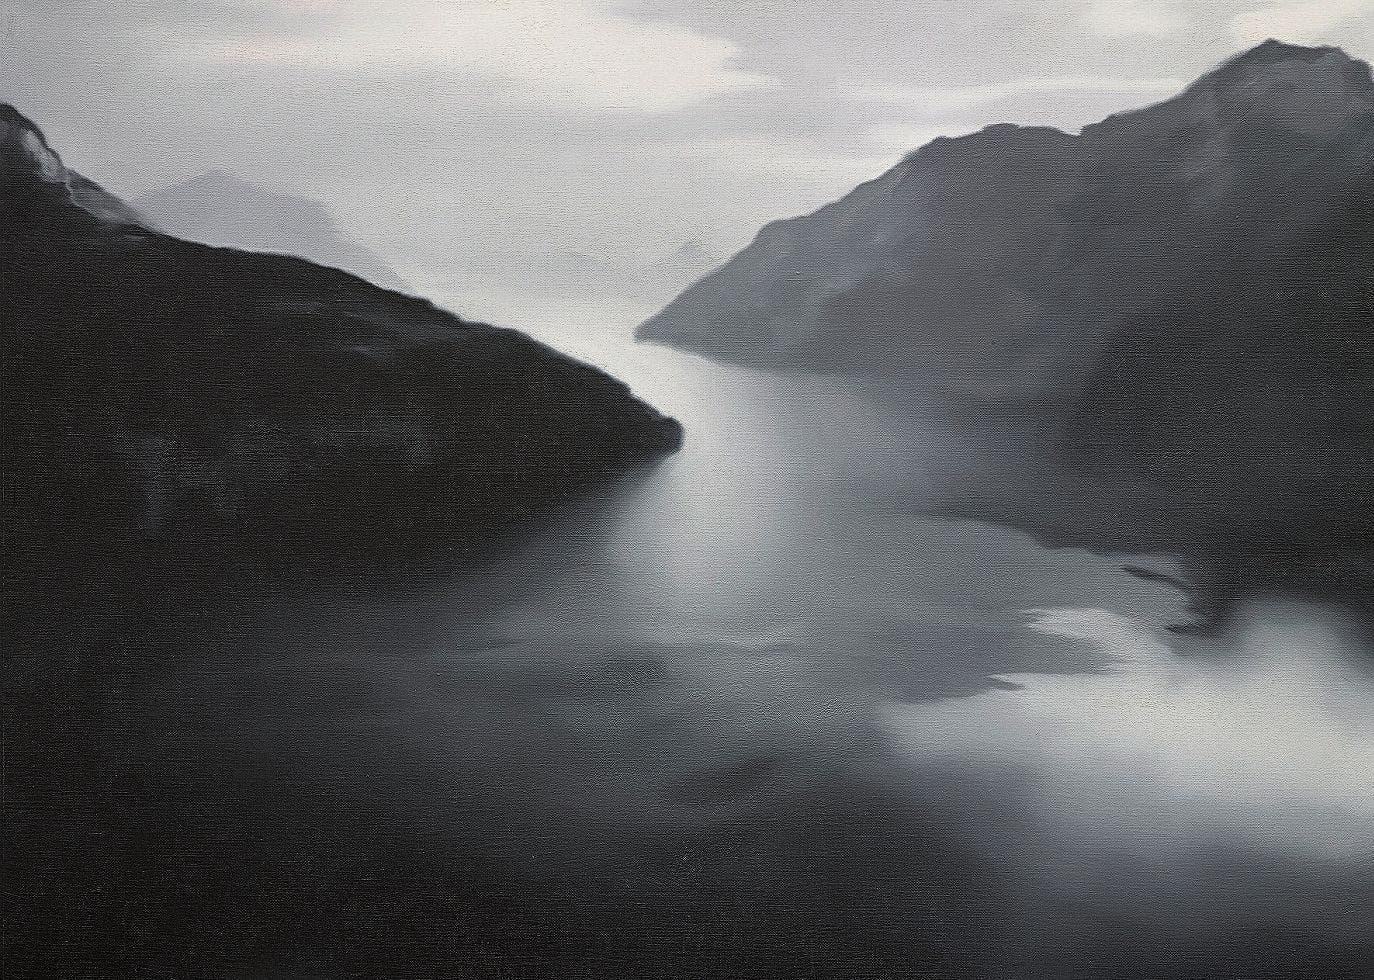 «Vierwaldstättersee», 1989. «St. Moritz», 1992. Öl auf Leinwand. Gerhard Richter schätzt weiche Fotobilder. «Eis», 1981. Gerhard Richter: «Davos» 1981, Öl auf Leinwand.